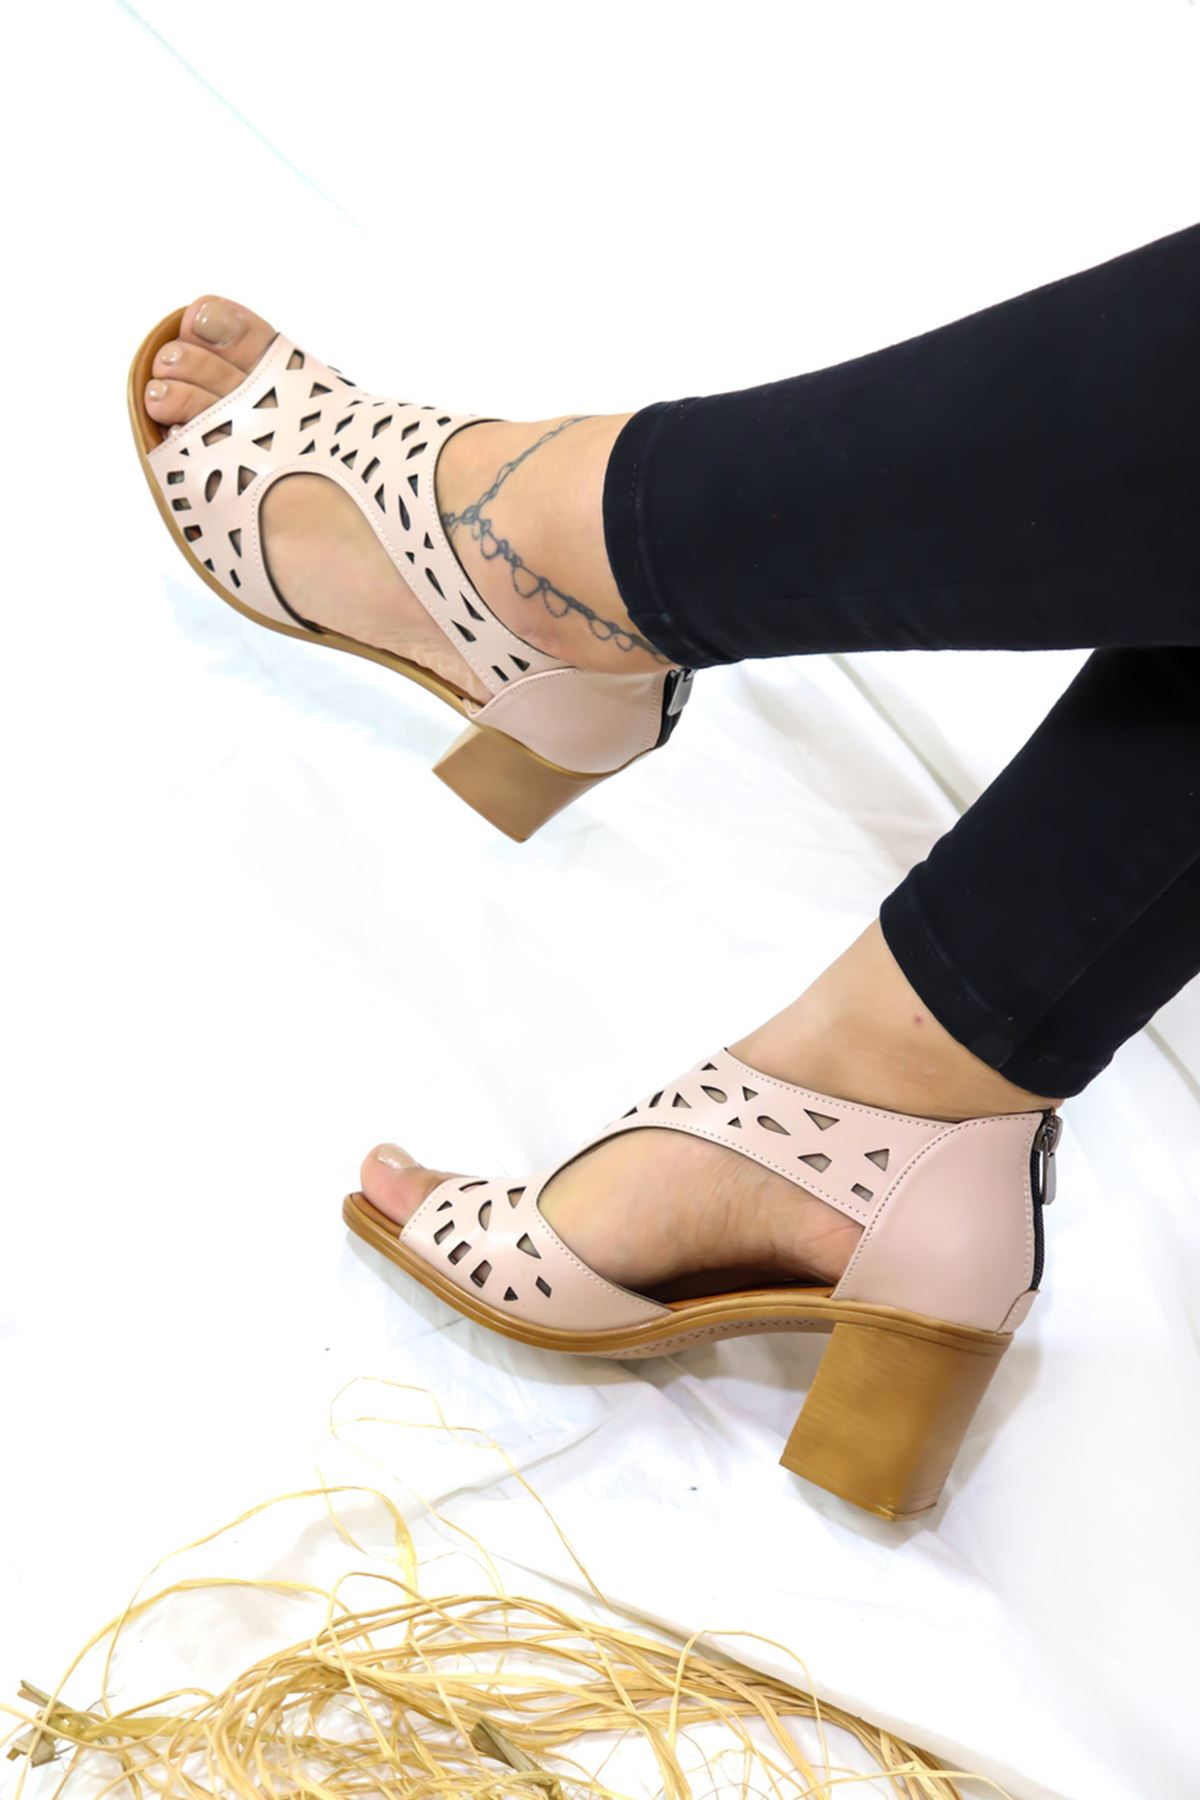 Feles - Kafes Tasarım Kadın Topuklu Ayakkabı Pudra